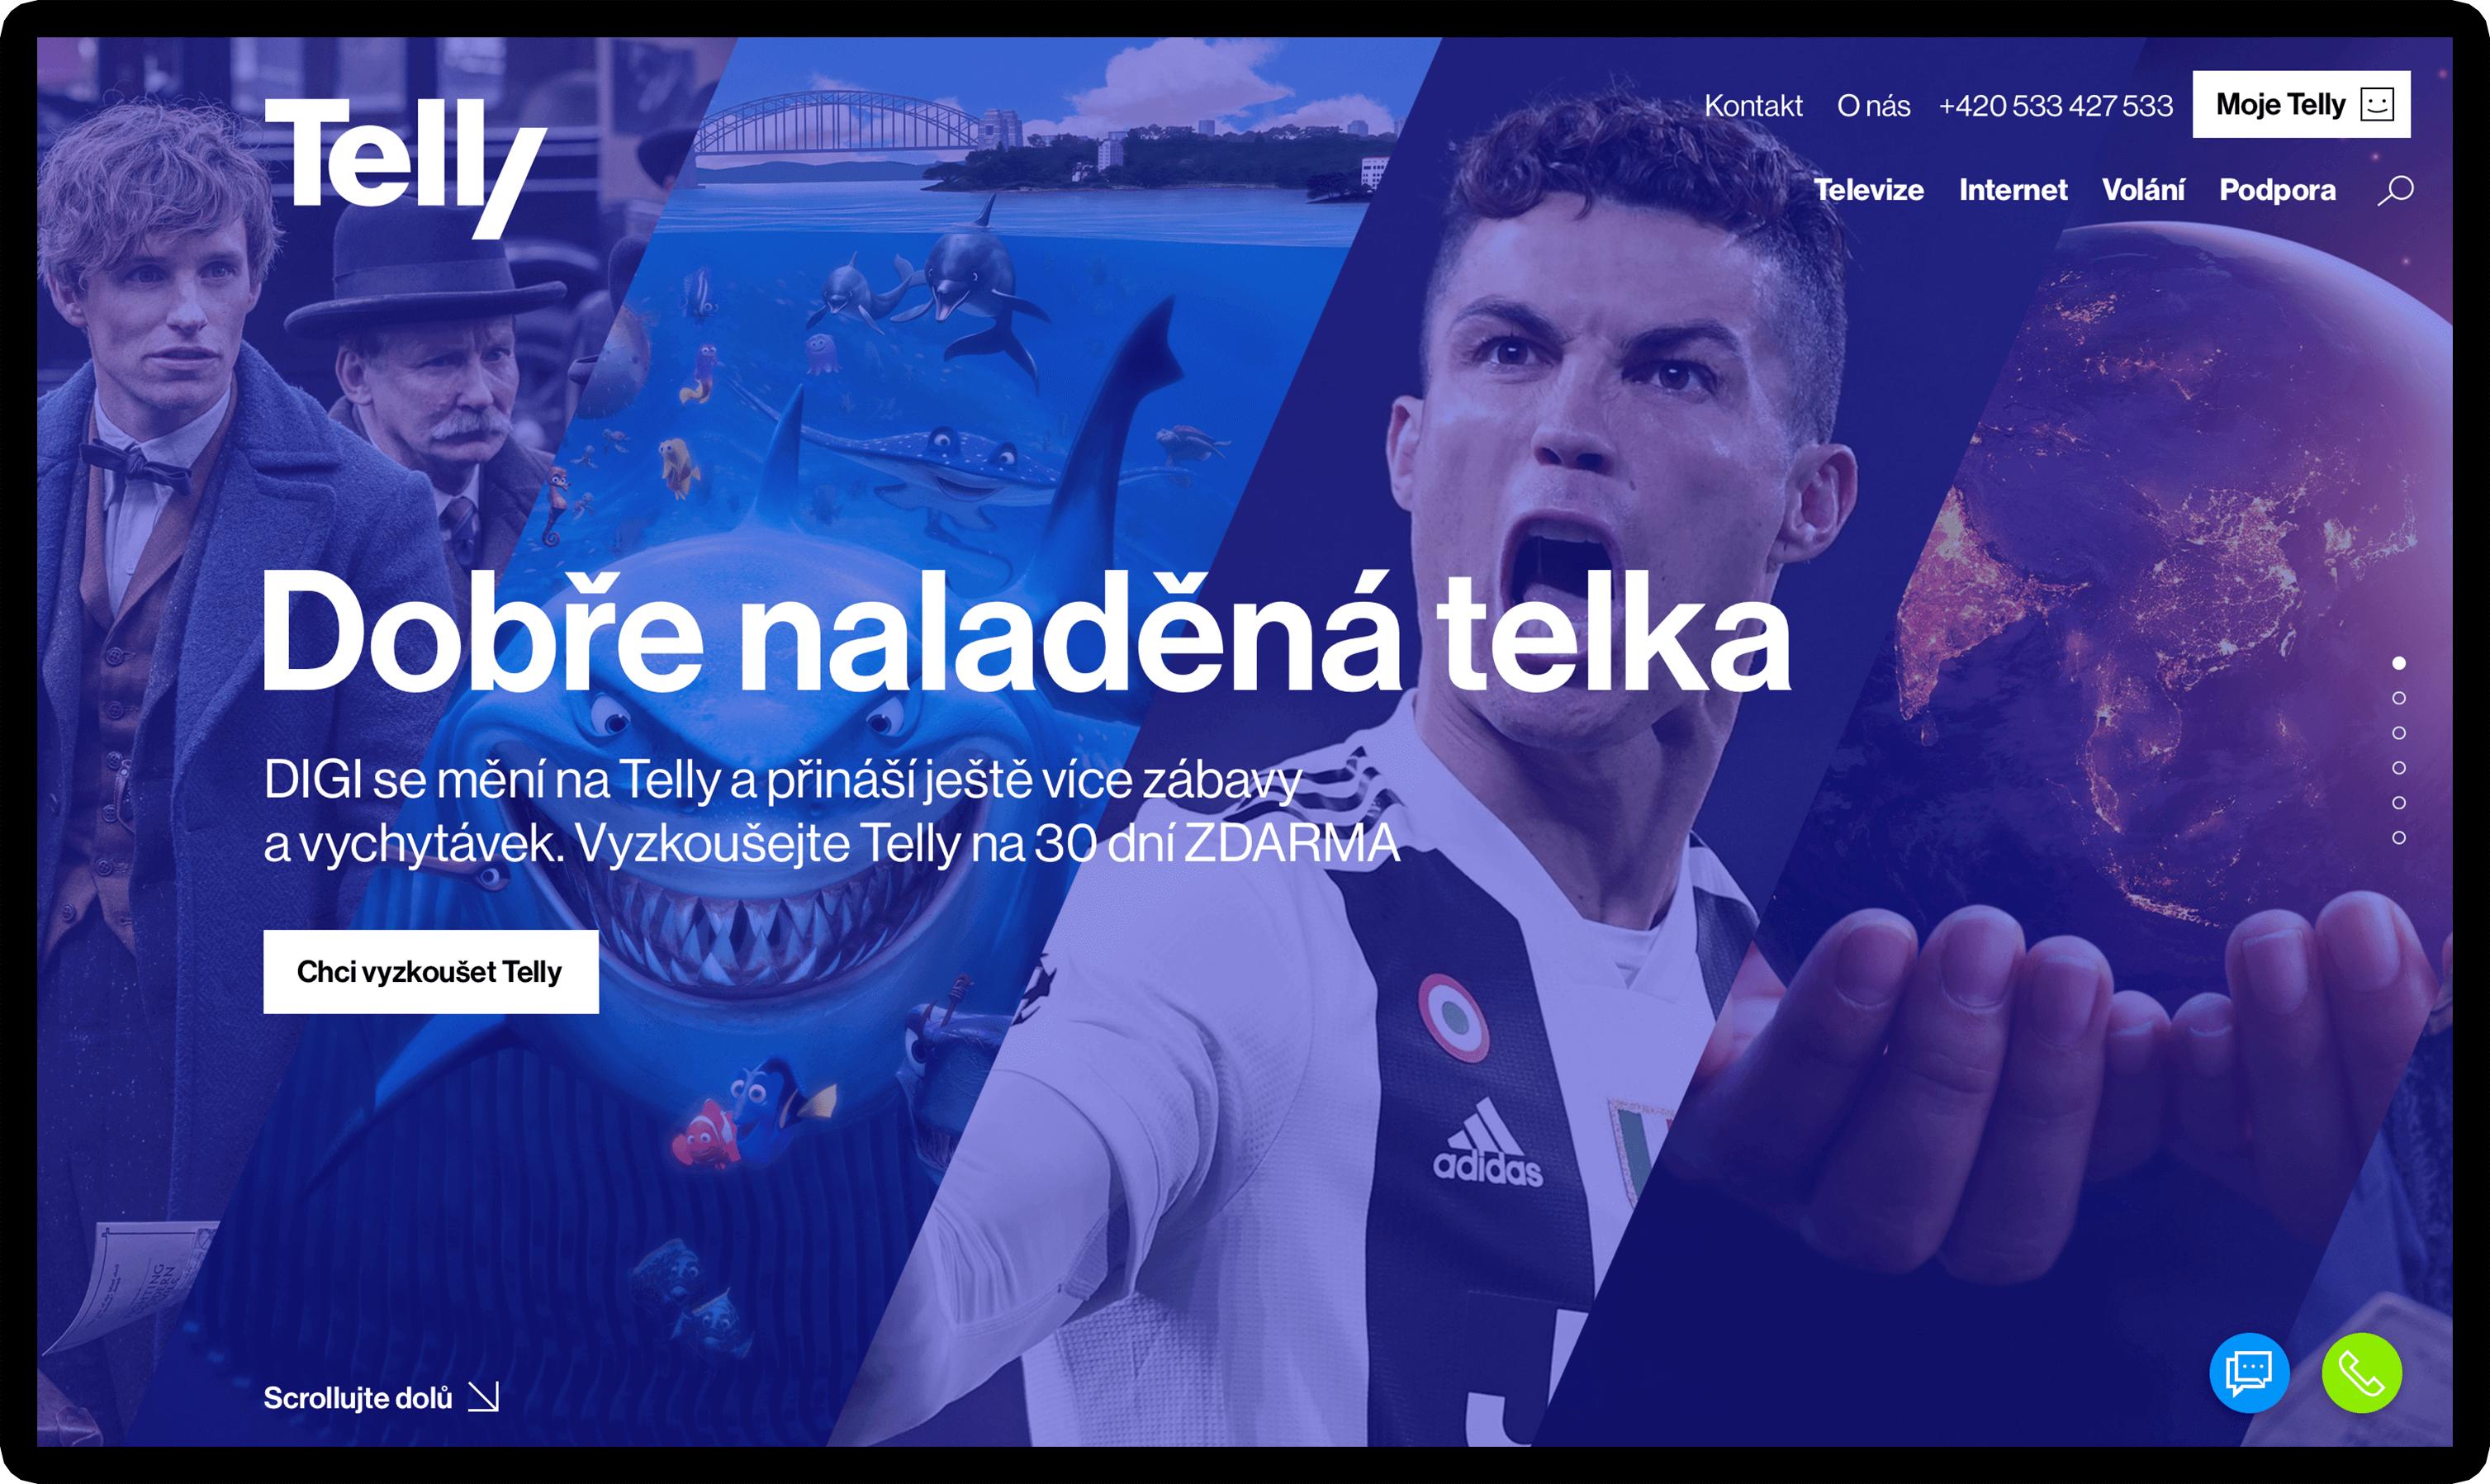 telly.cz